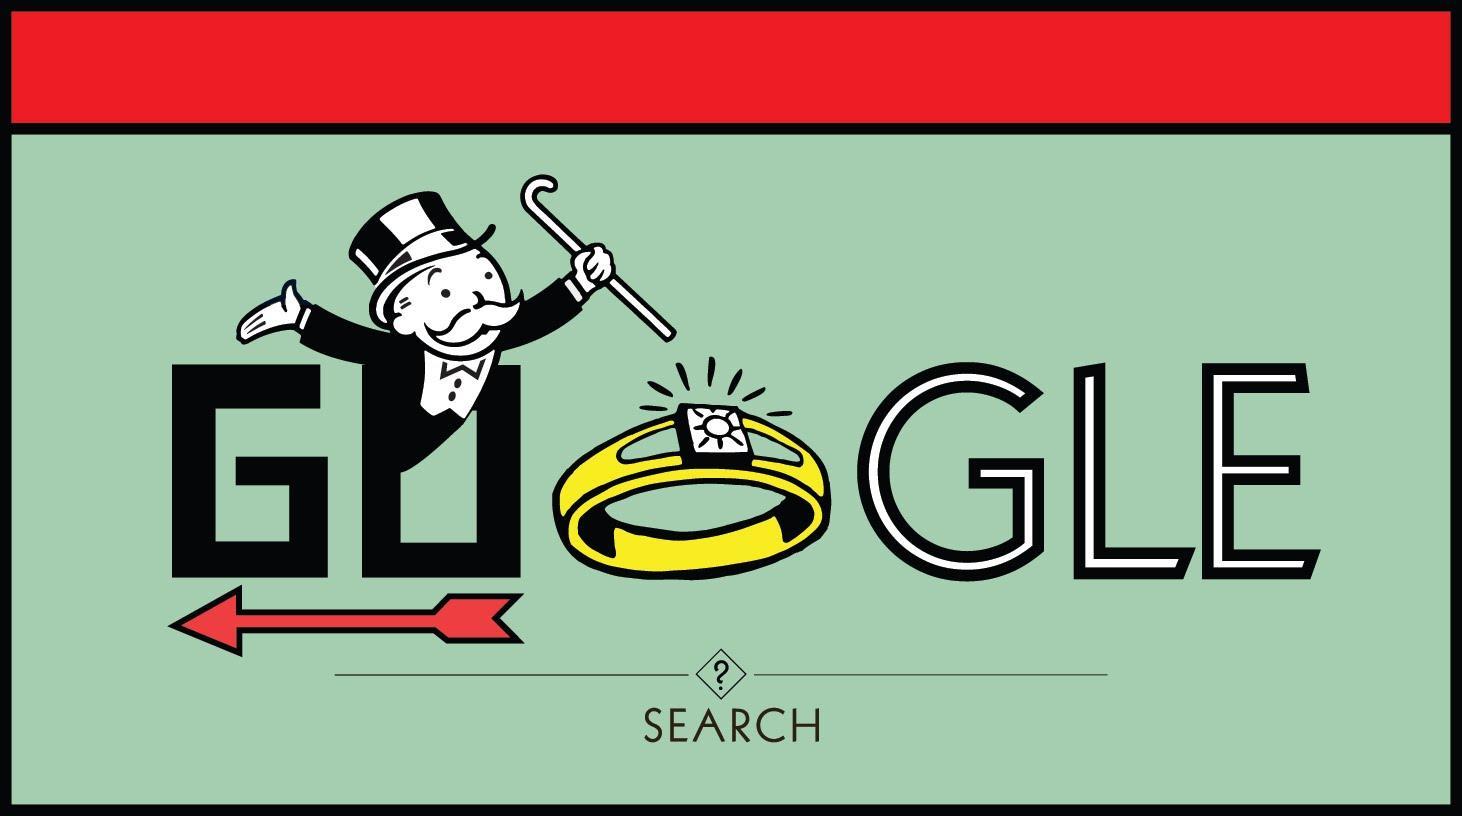 Google antitrust Monopoly board